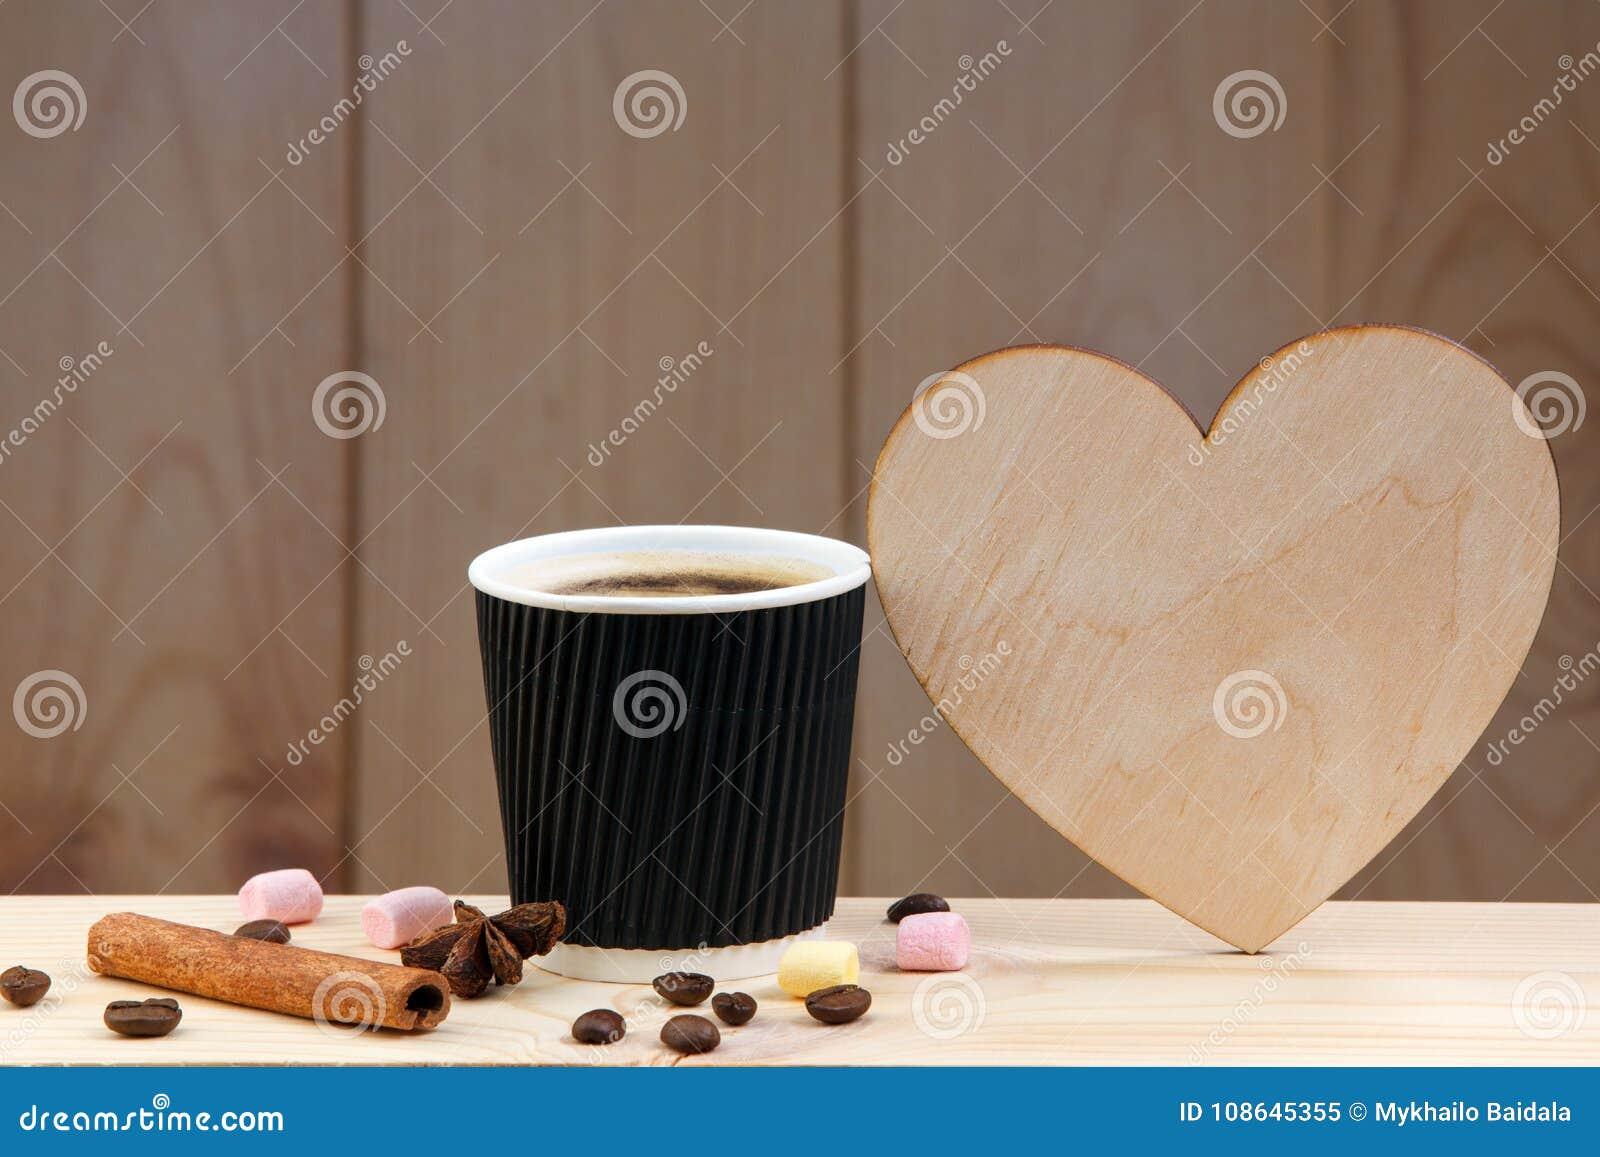 Una taza de café en un estante de madera, con canela, anís, los granos de café y la melcocha